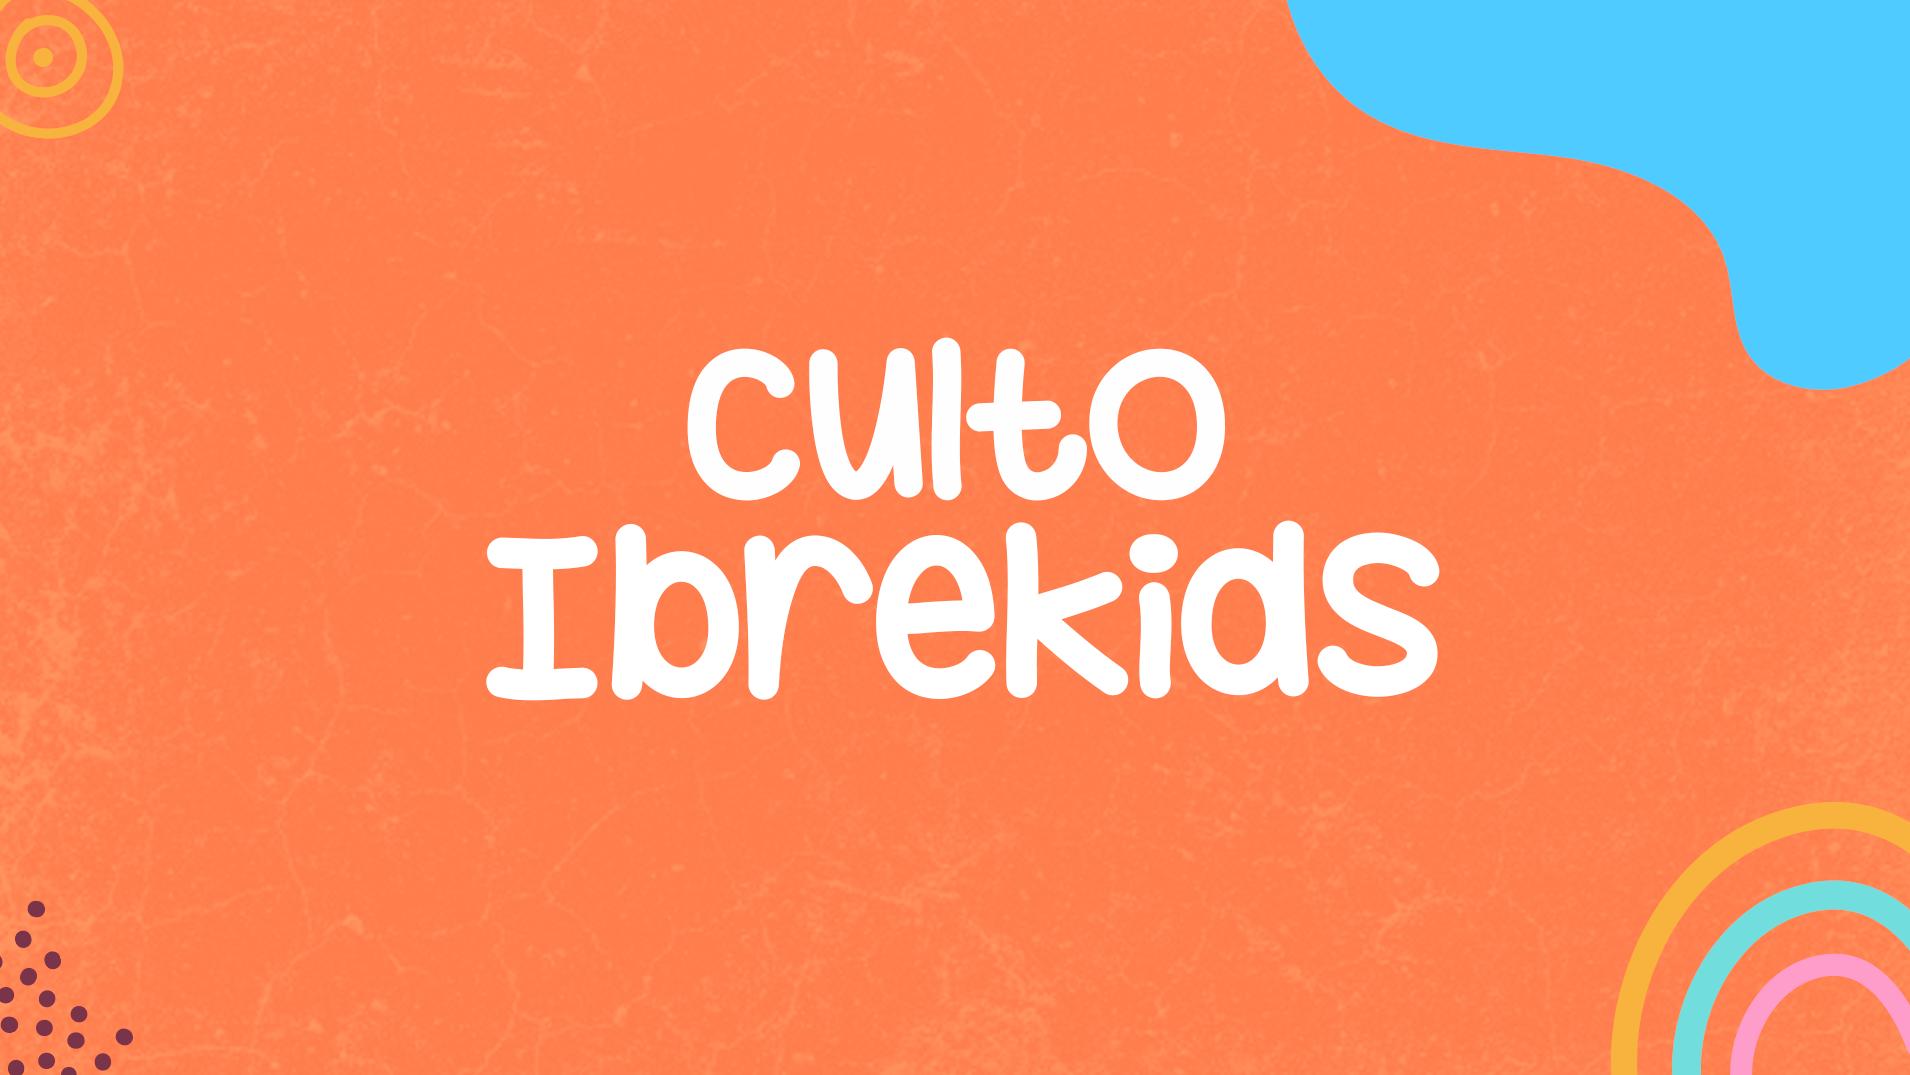 Culto Ibrekids - 19h